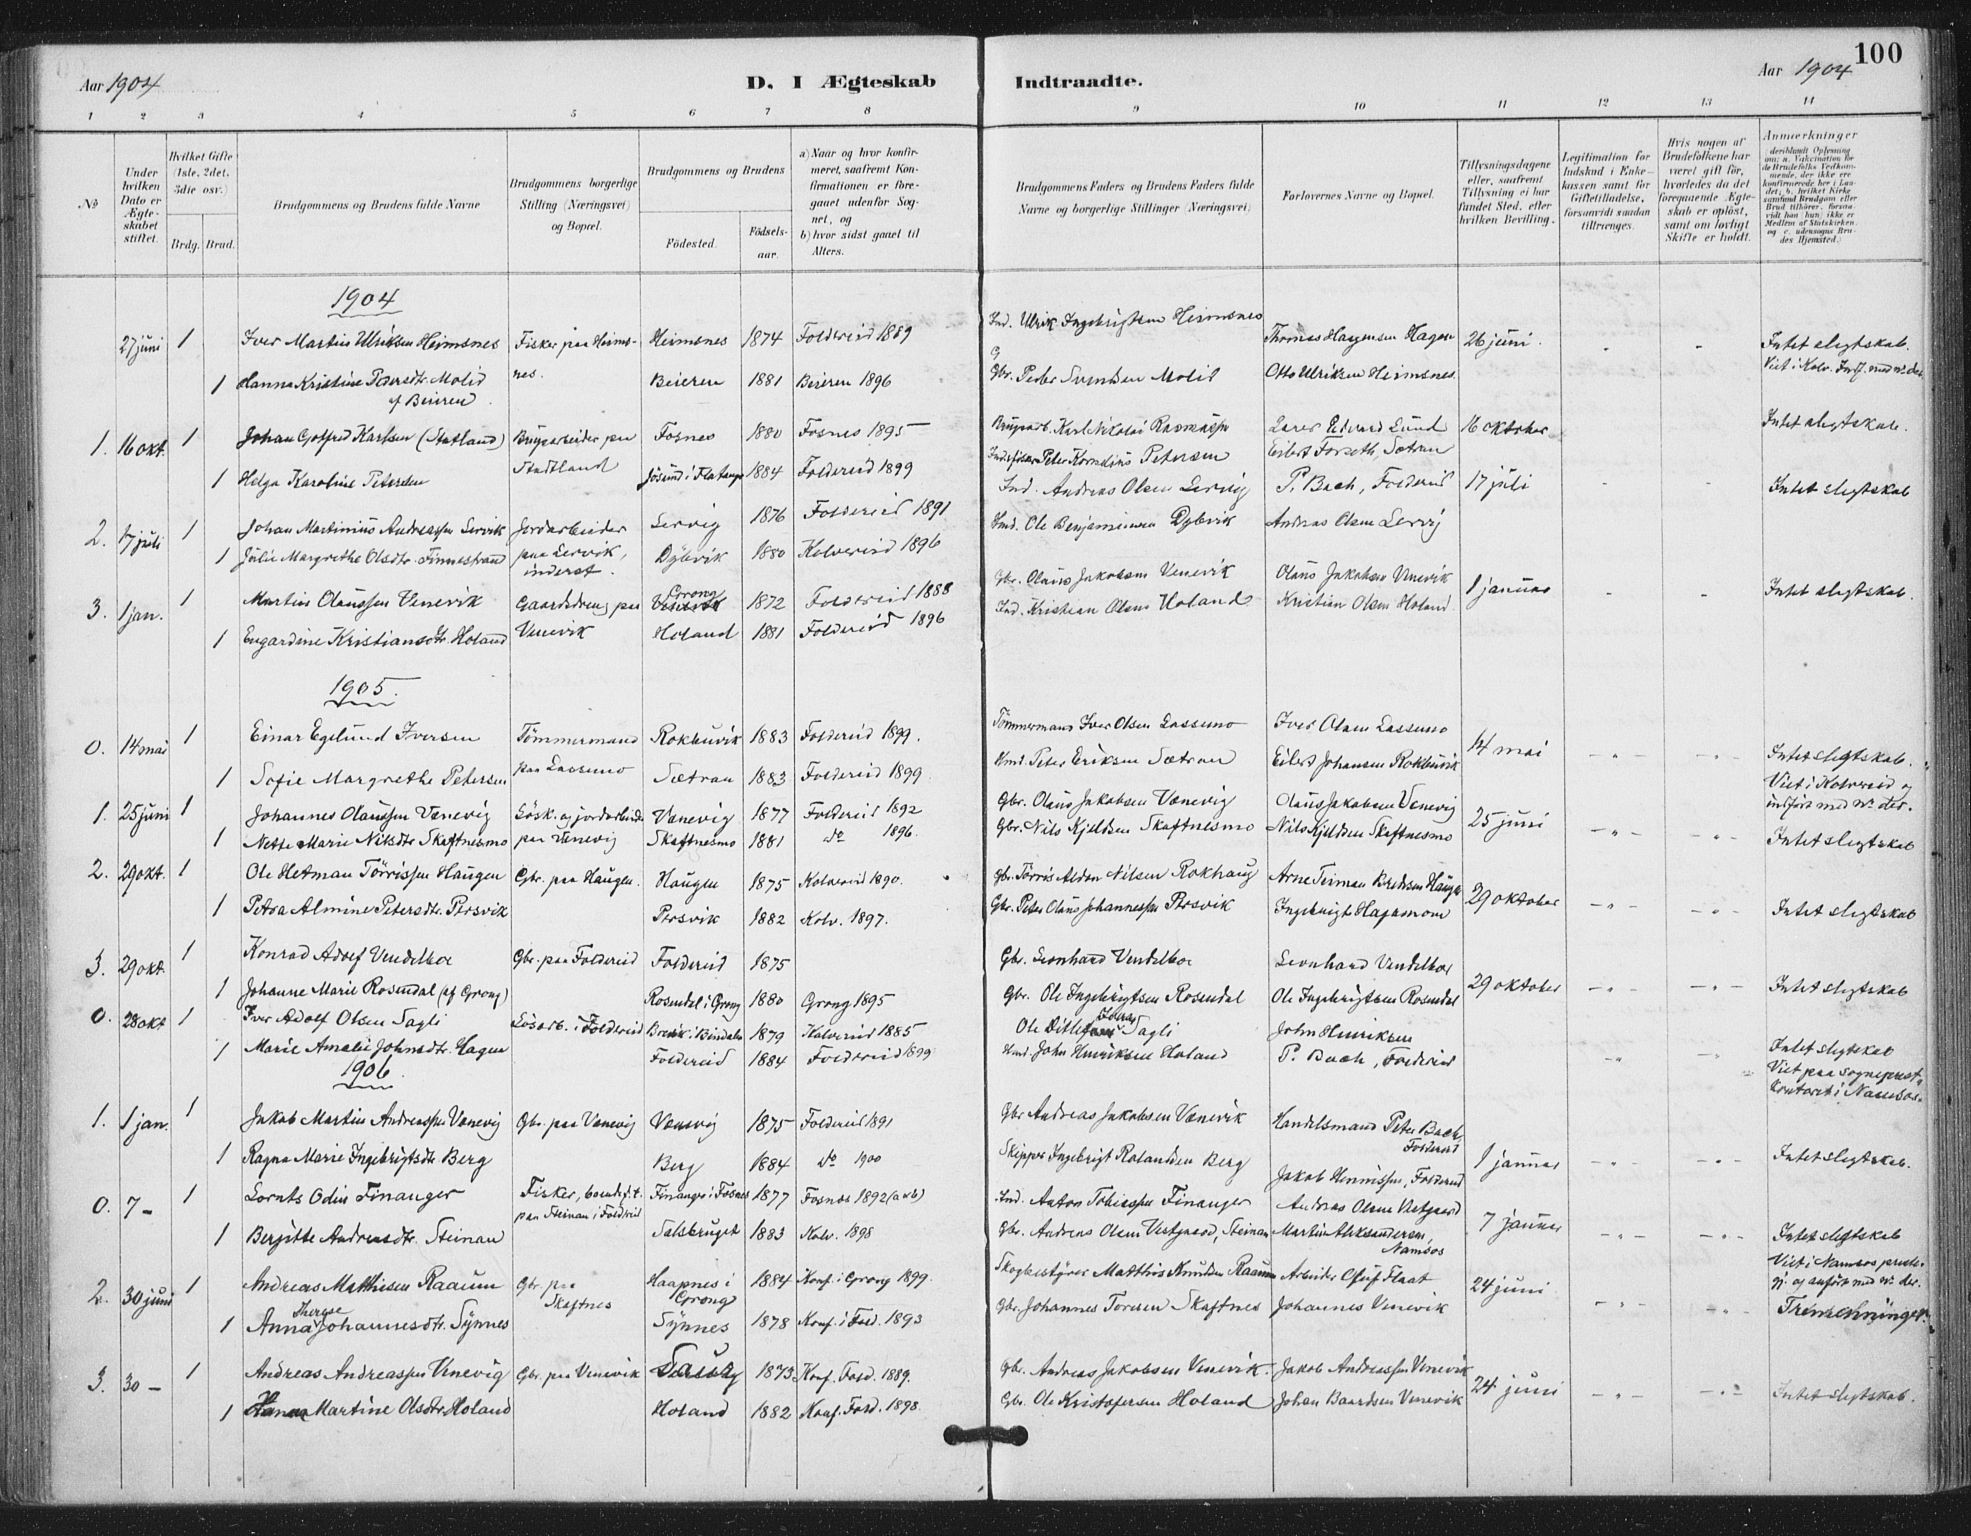 SAT, Ministerialprotokoller, klokkerbøker og fødselsregistre - Nord-Trøndelag, 783/L0660: Ministerialbok nr. 783A02, 1886-1918, s. 100